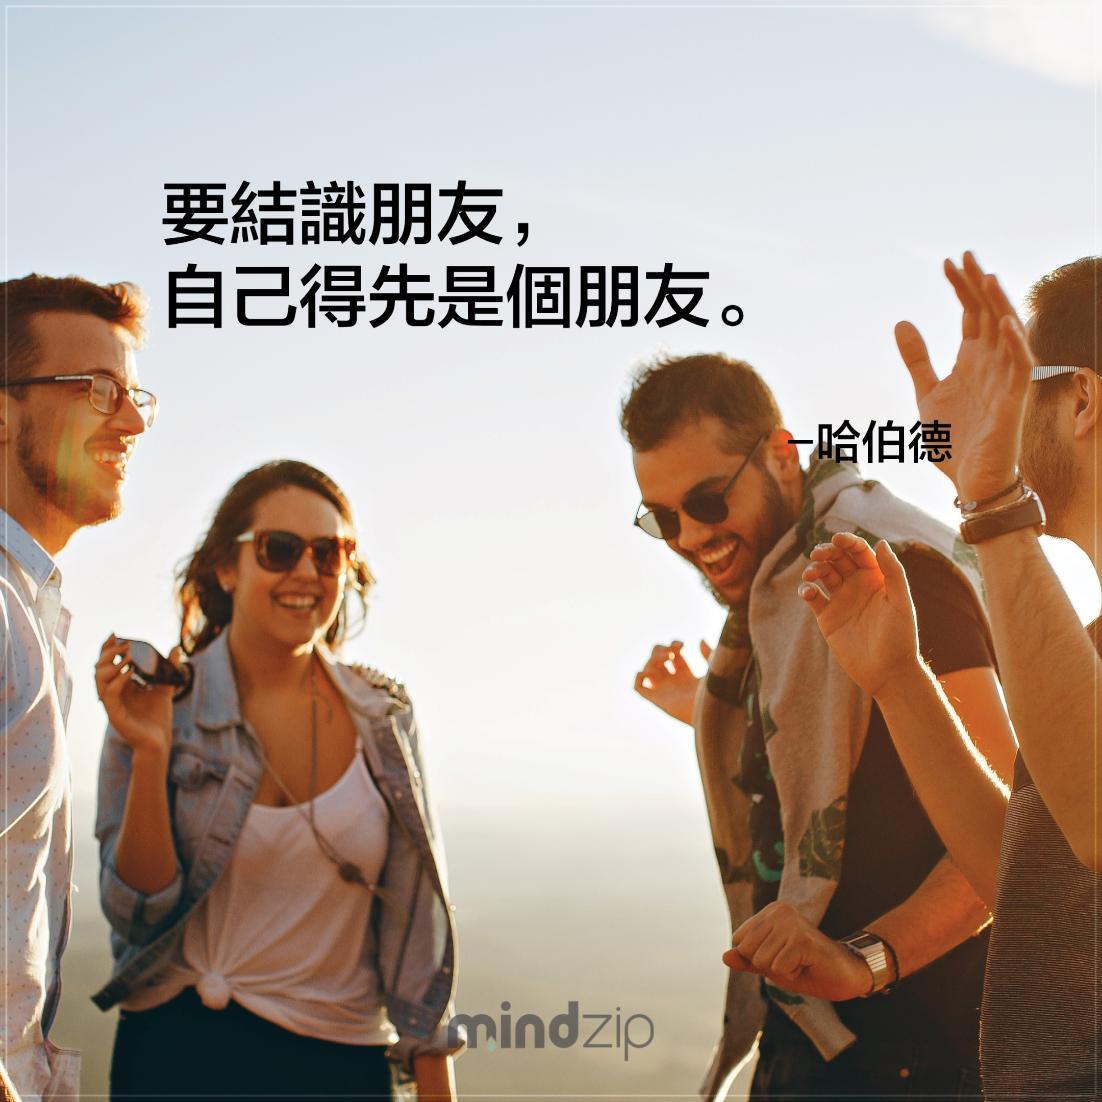 你覺得你是個稱職的朋友嗎? 標記那個在他心中你是他那個不可或缺的朋友! https://get.mindzip.net #哈伯德 #語錄 #語錄分享 #成功 #激勵人心 #生活 #人生 #朋友 #最好朋友 #閨密 #紅粉知己 #姊妹 #友情 #正面能量 #每日一句 #CitaPix #MindZip